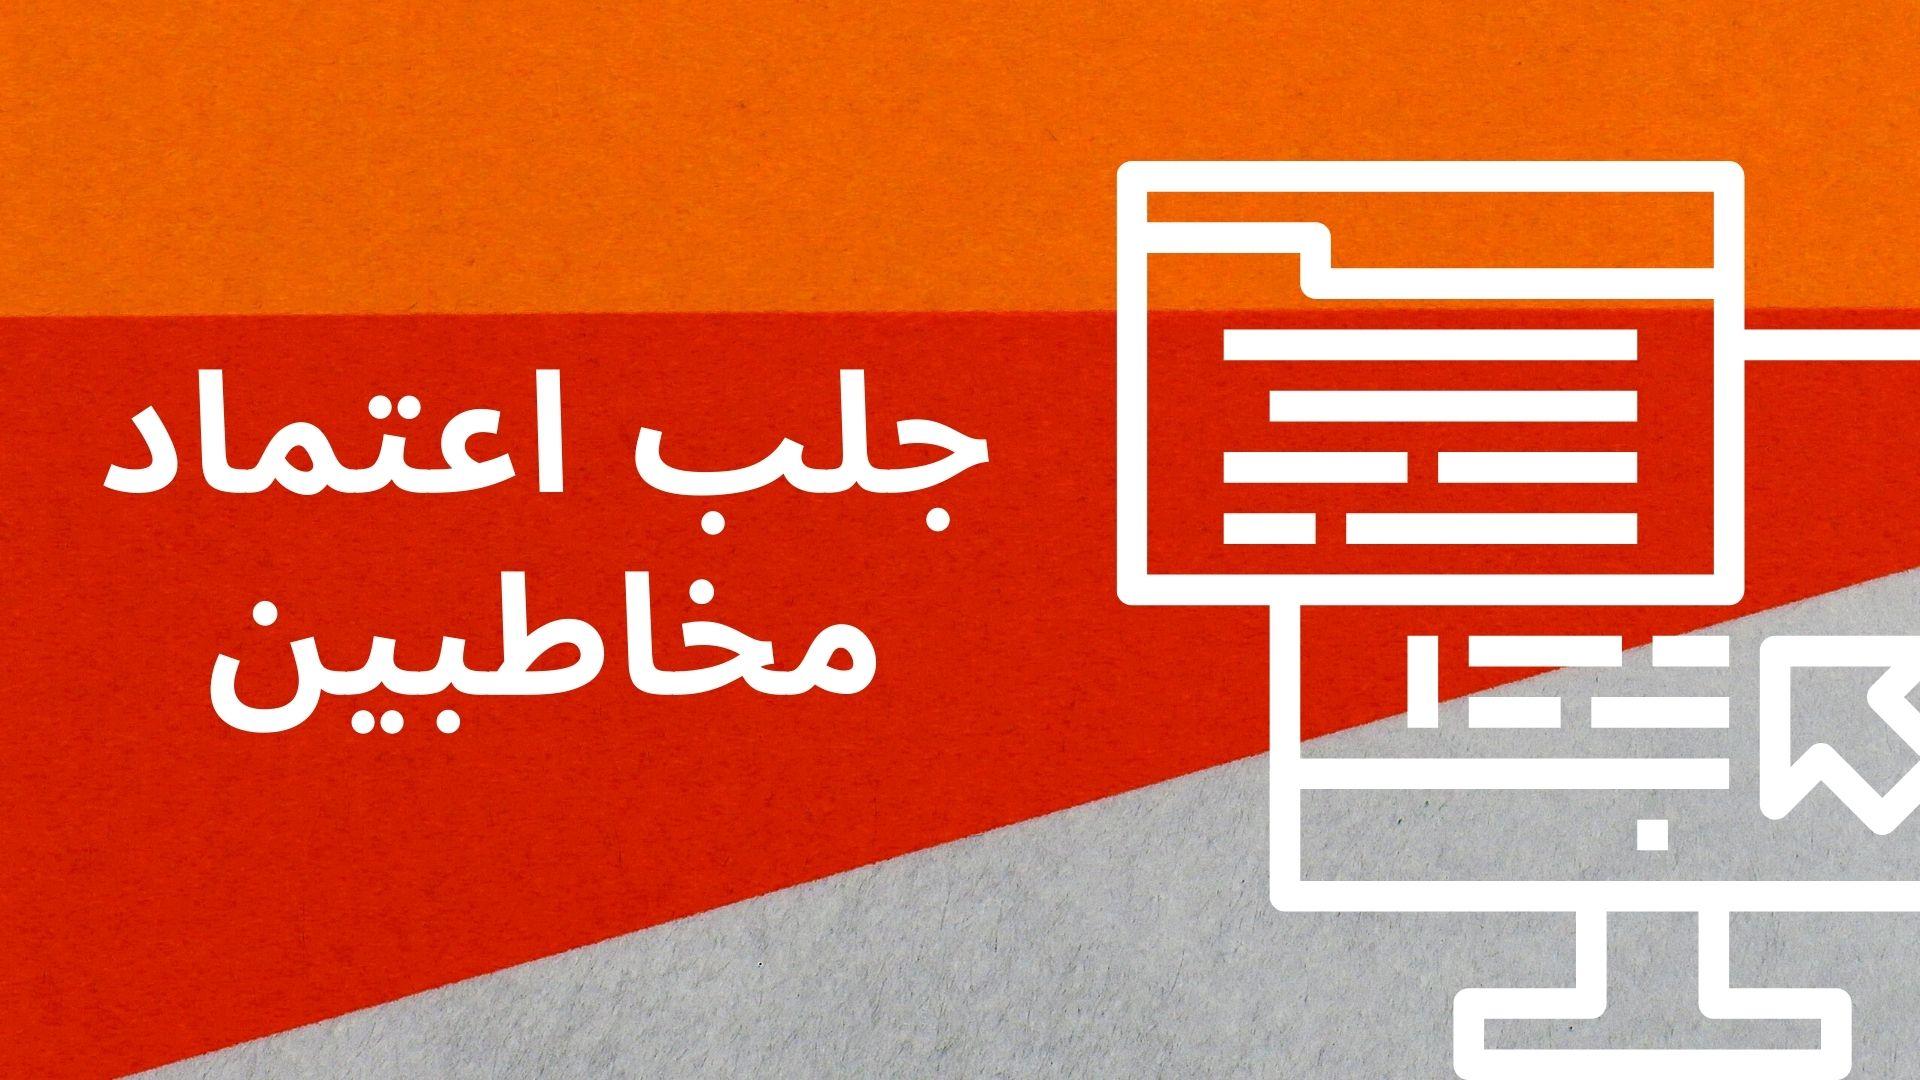 جلب اعتماد مخاطبین: